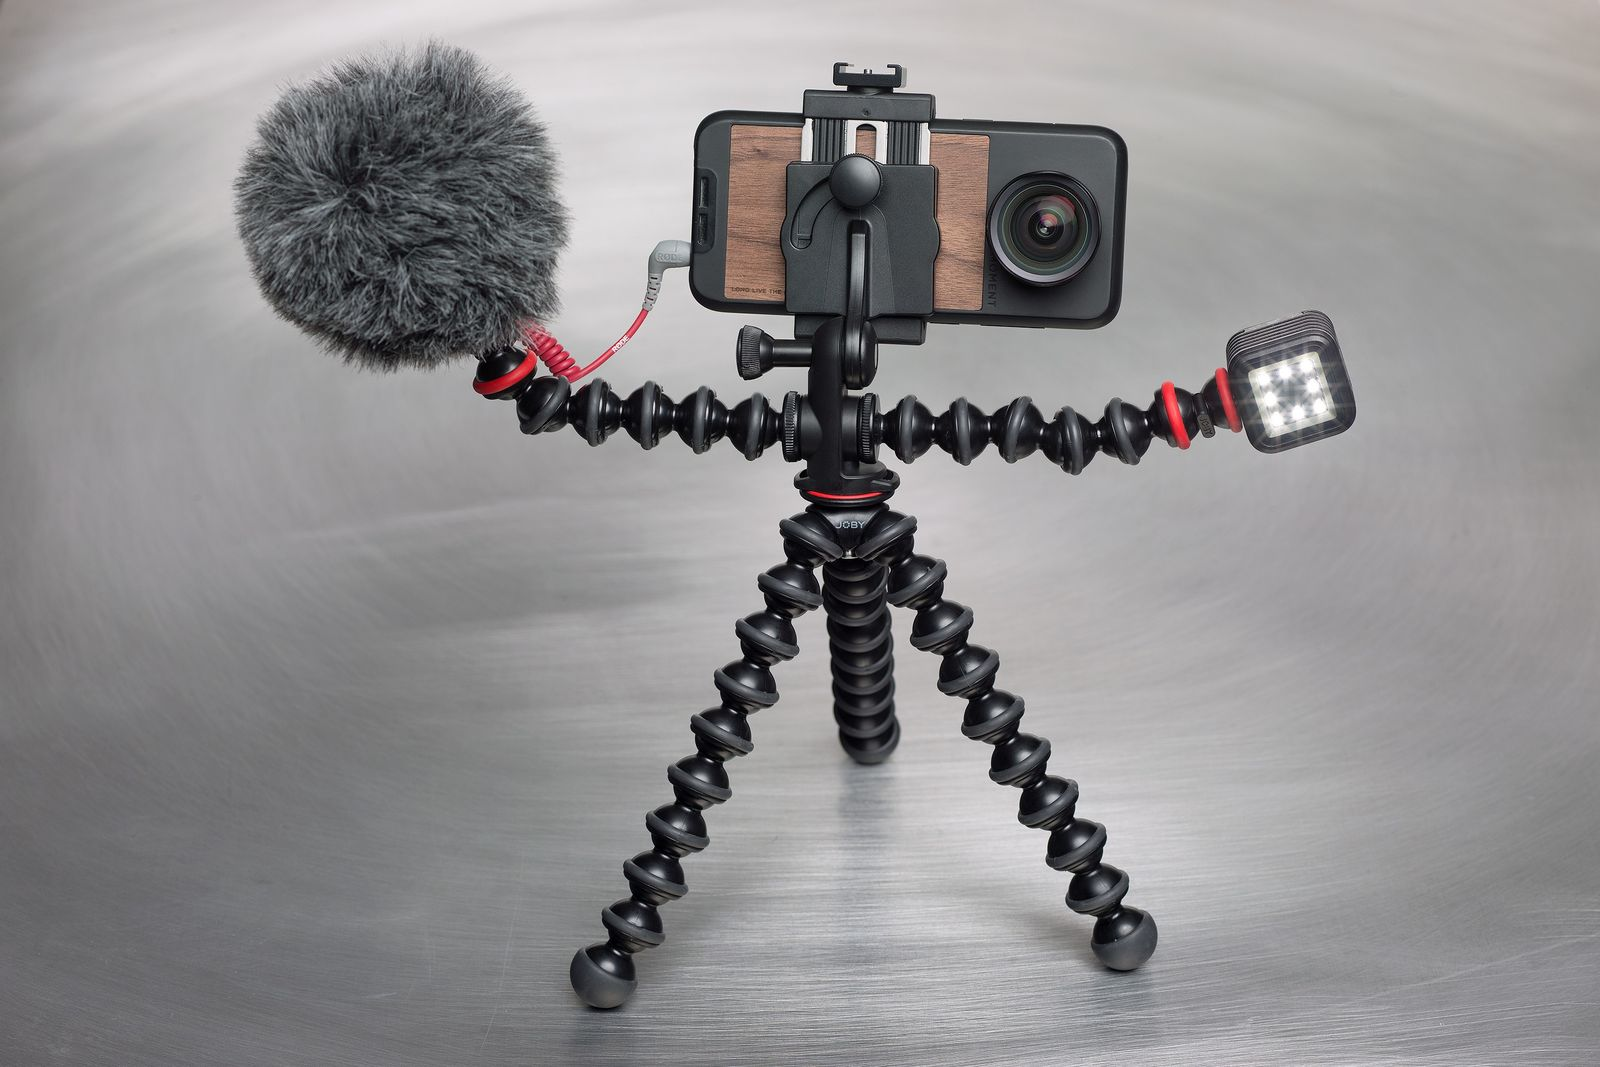 Trípode, lentes y micrófono